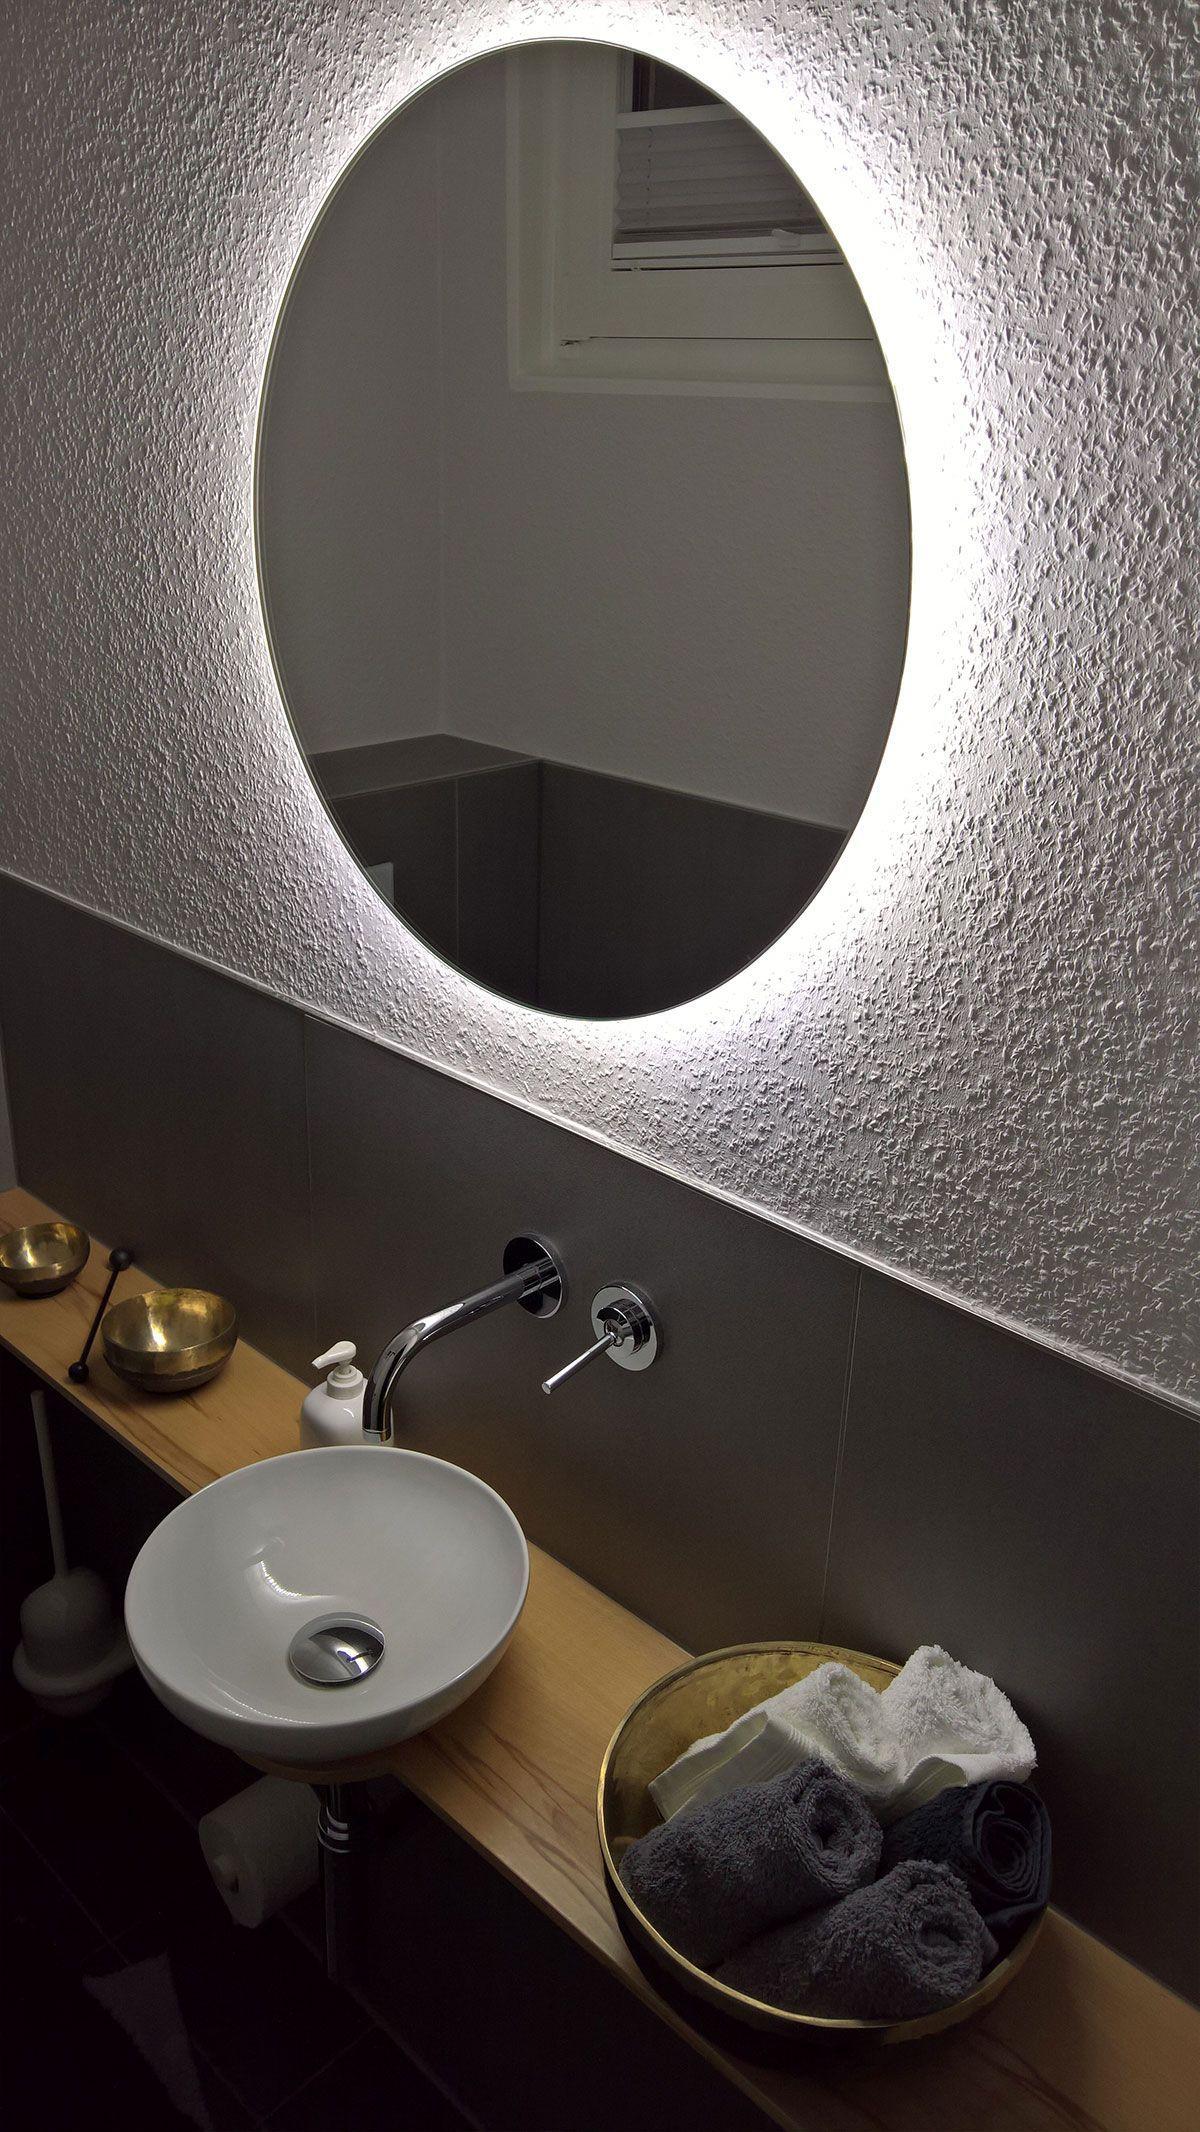 Wandspiegel Mond Einrichten In 2020 Wandspiegel Spiegel